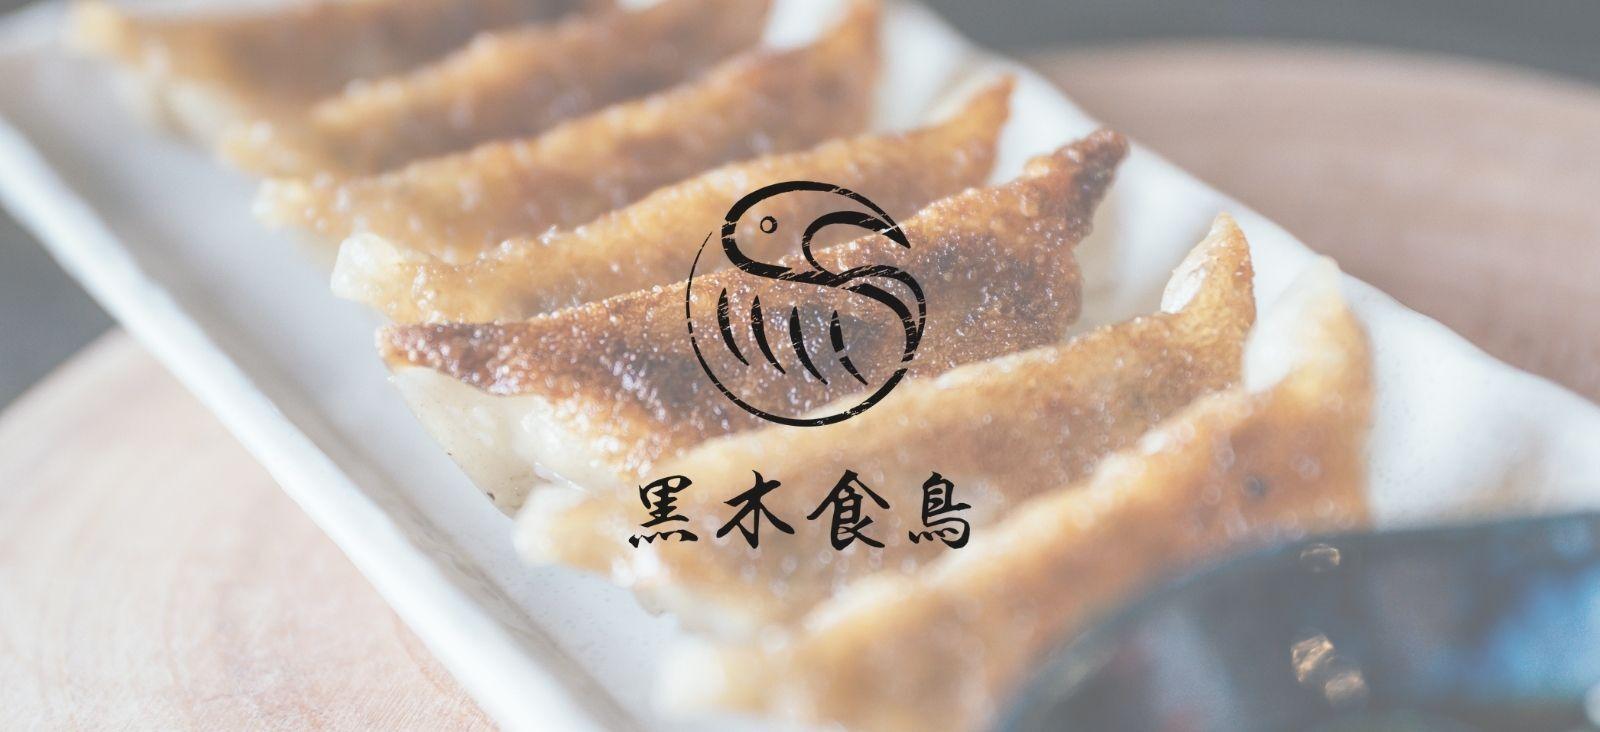 黒木食鳥(地鶏餃子)